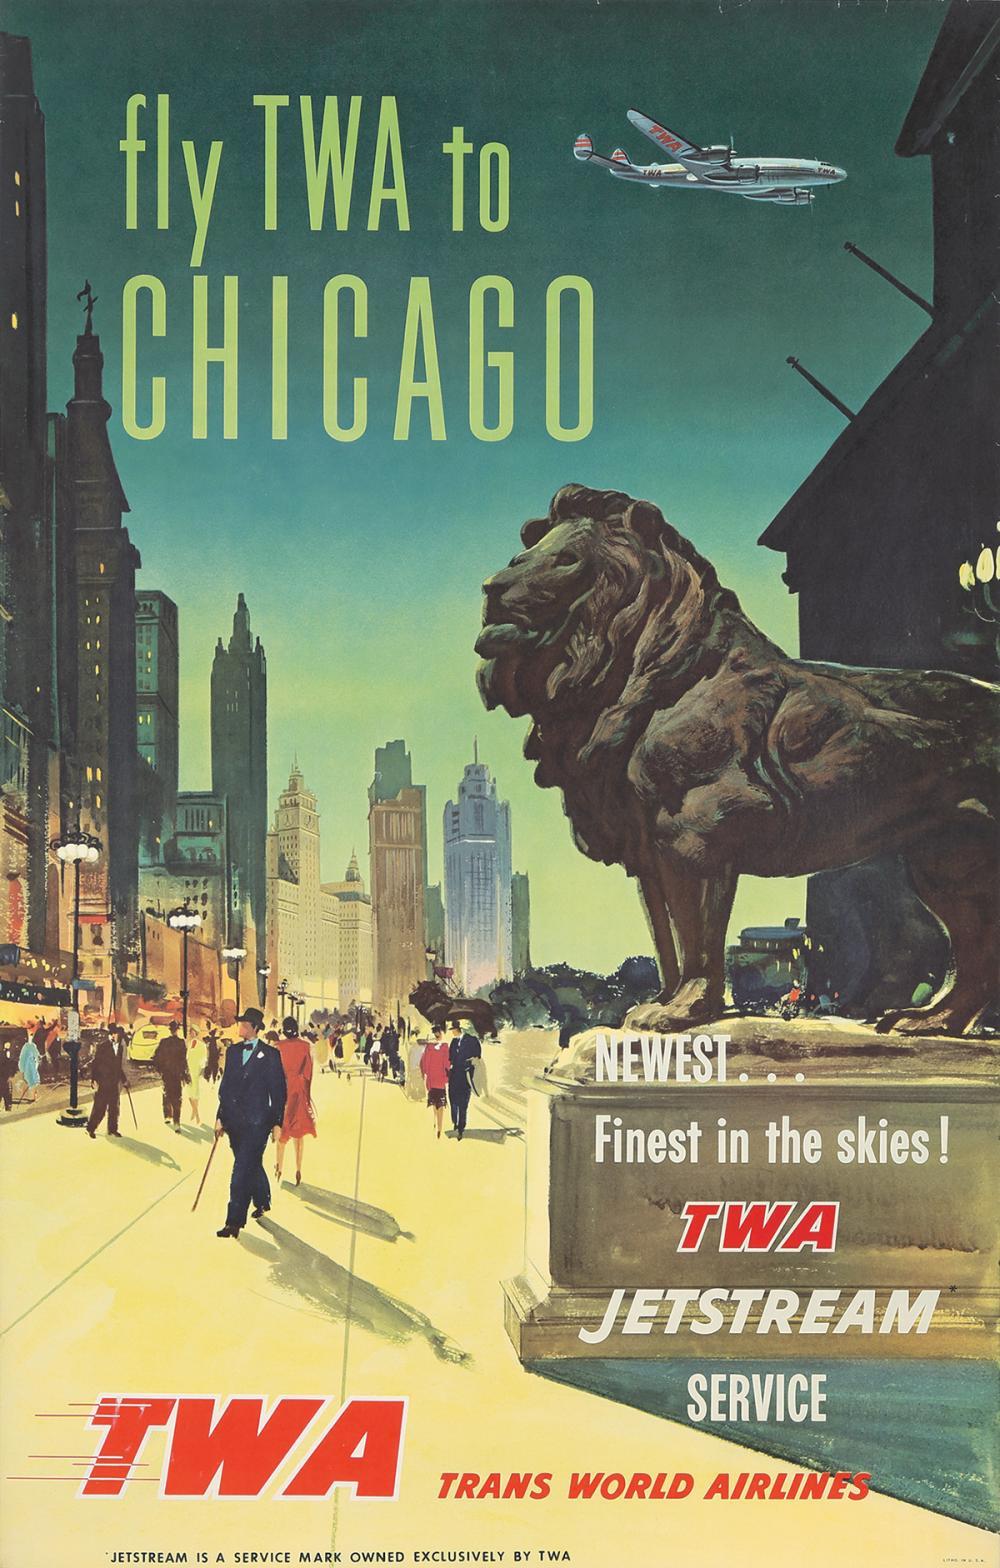 TWA / Chicago. ca. 1950.